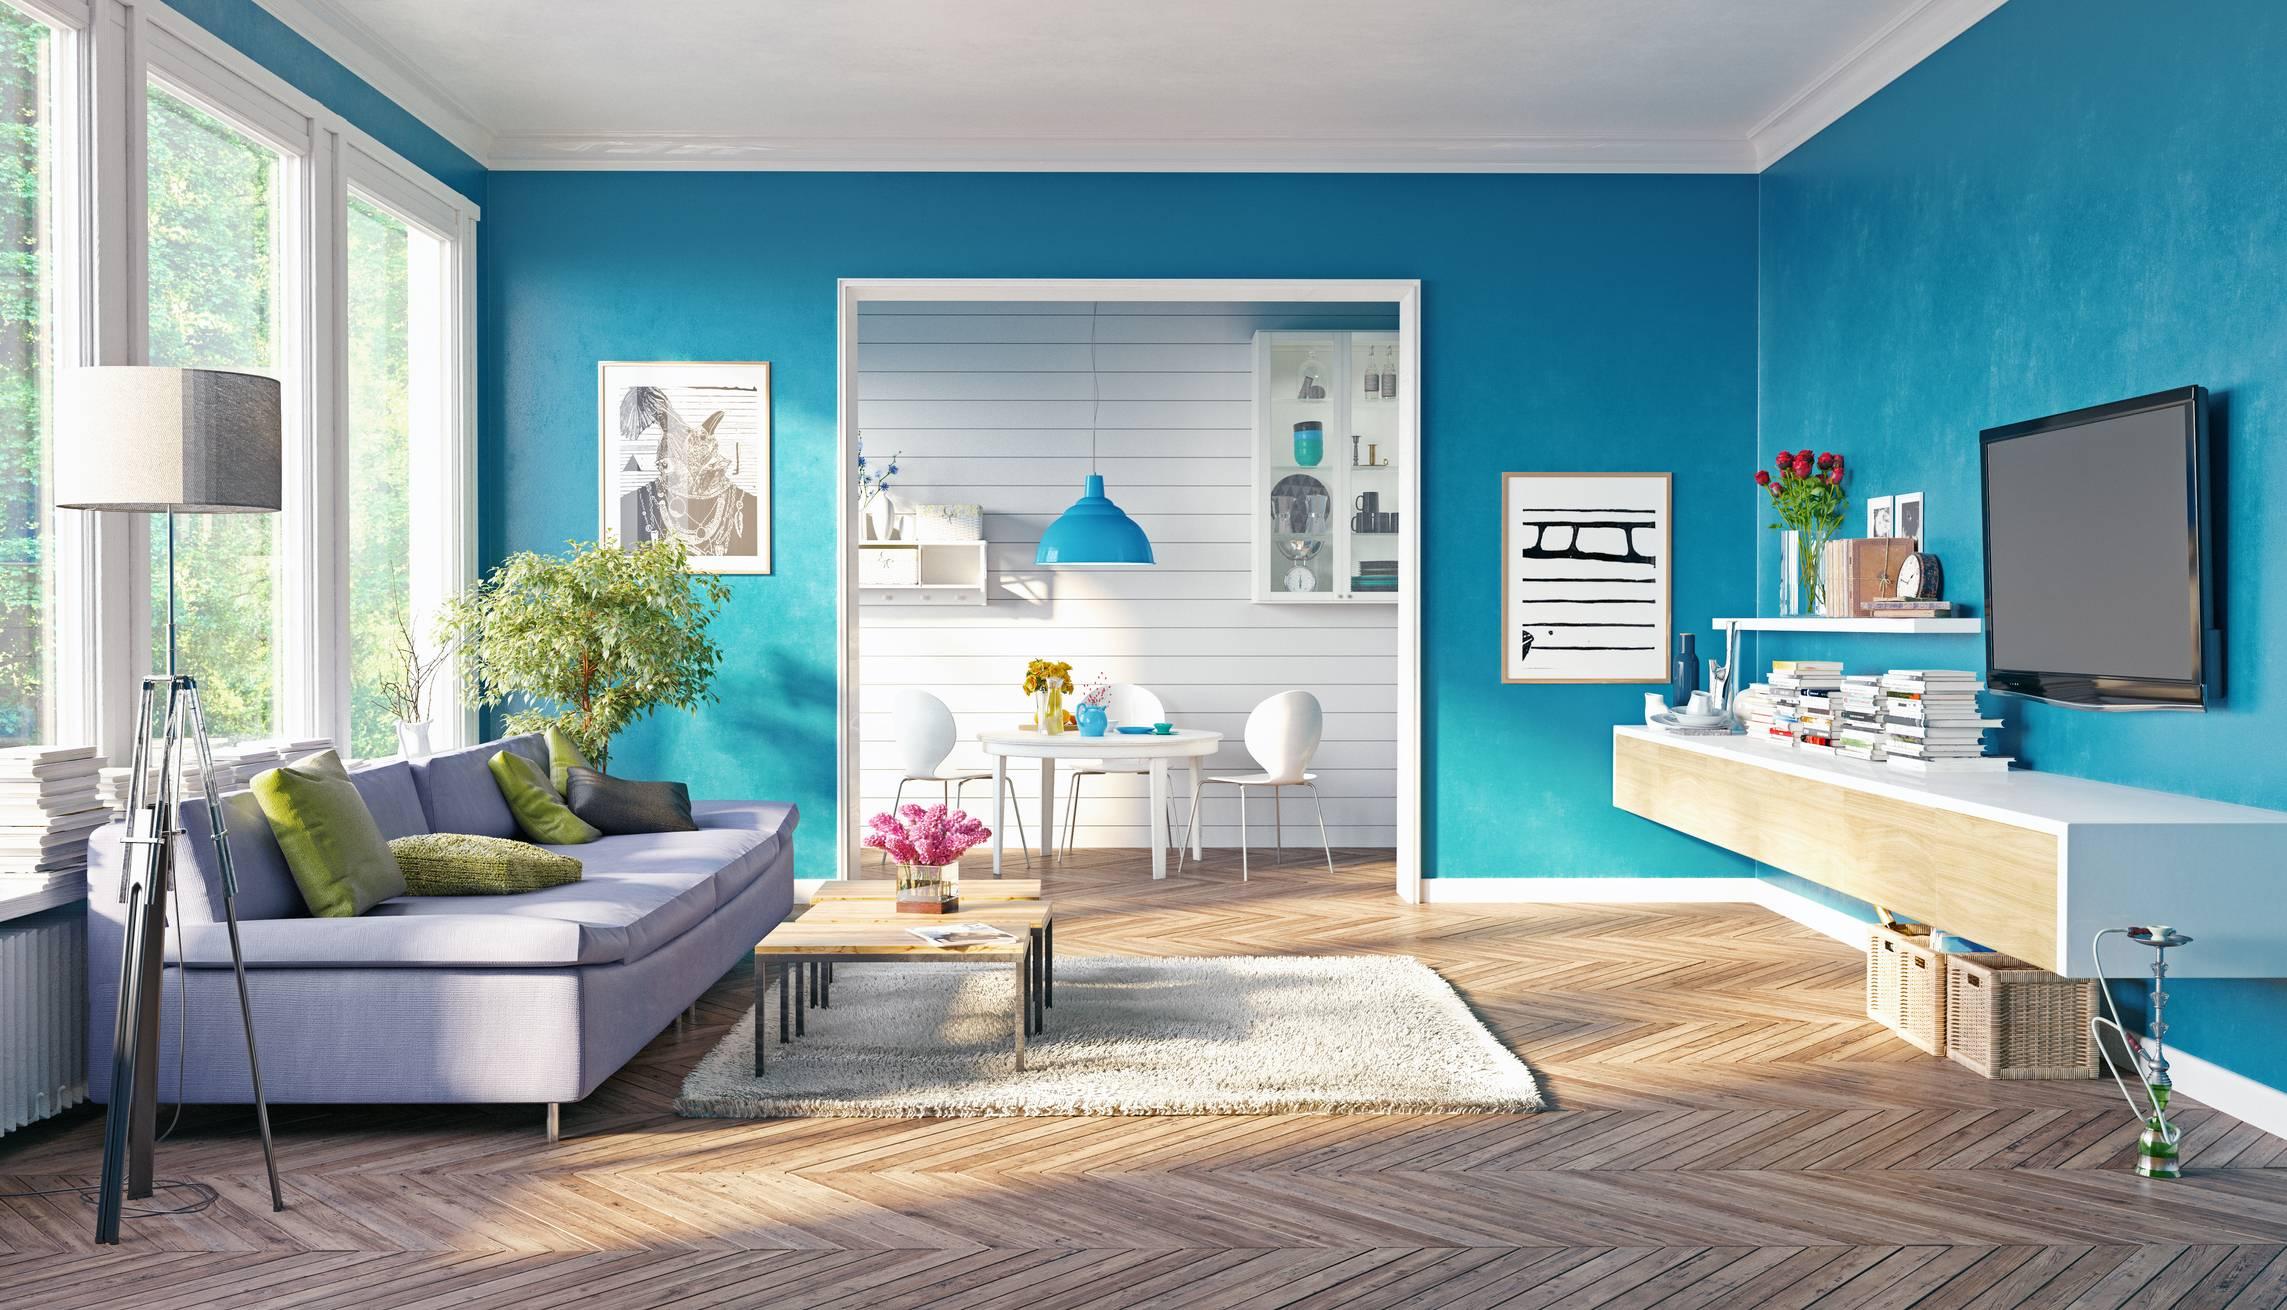 Choix de la bonne peinture pour sa maison